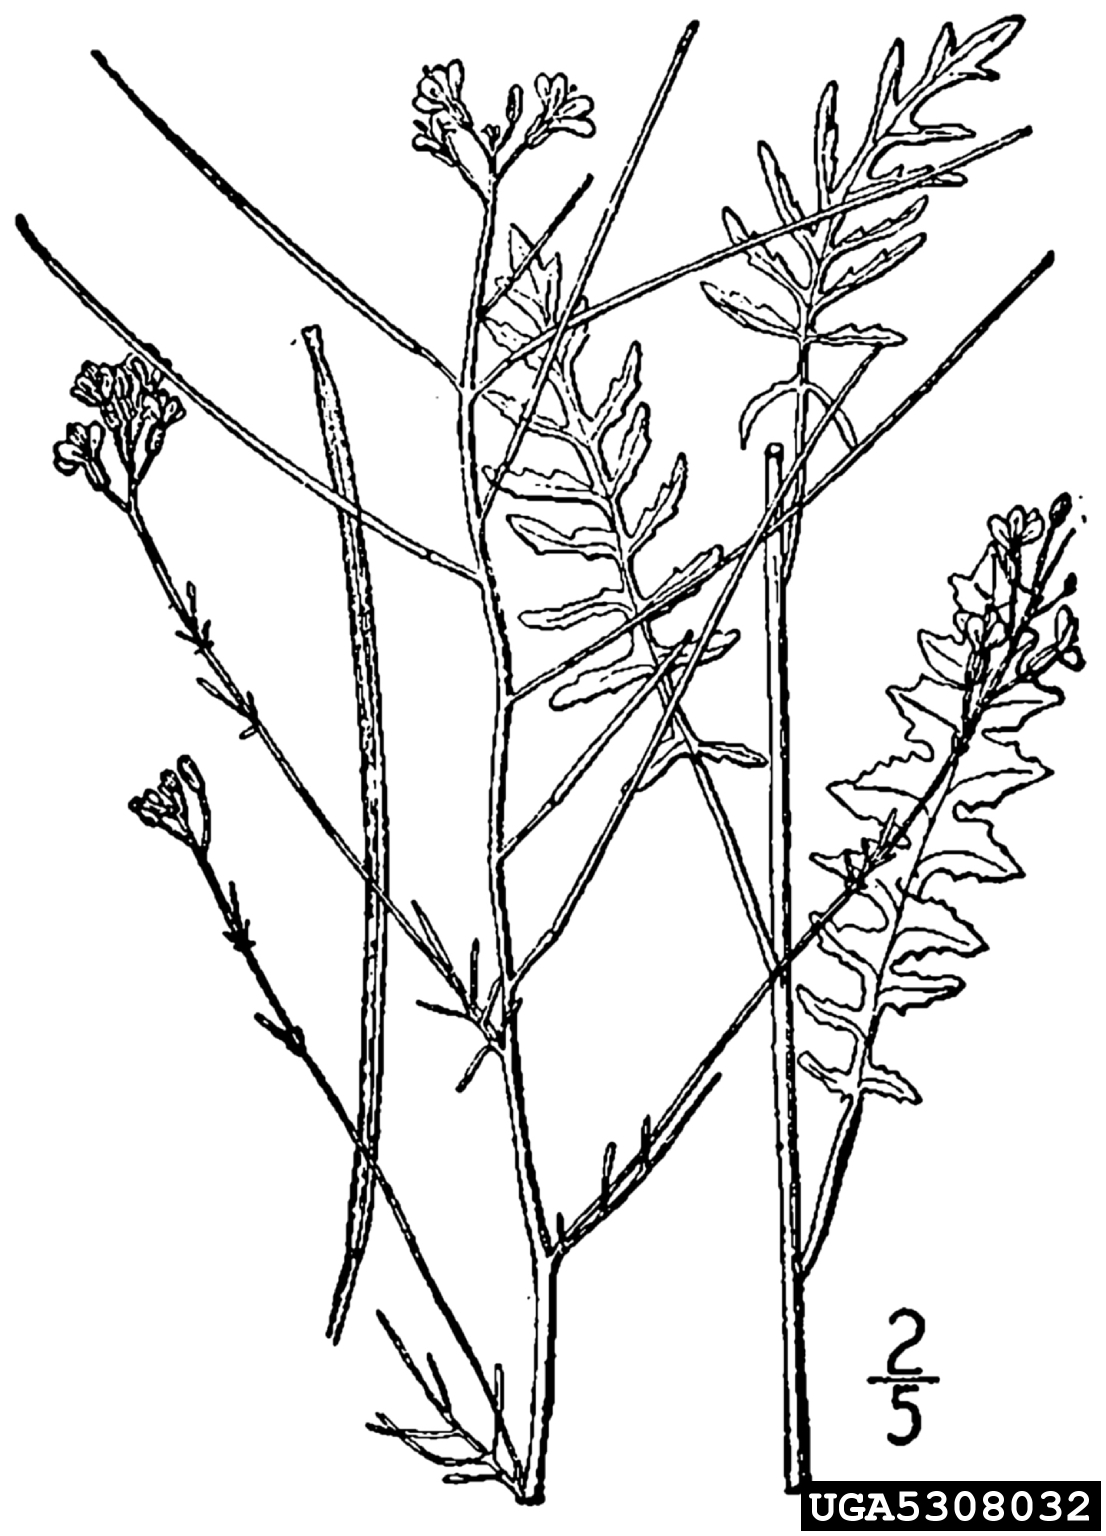 tall tumblemustard: Sisymbrium altissimum (Capparales